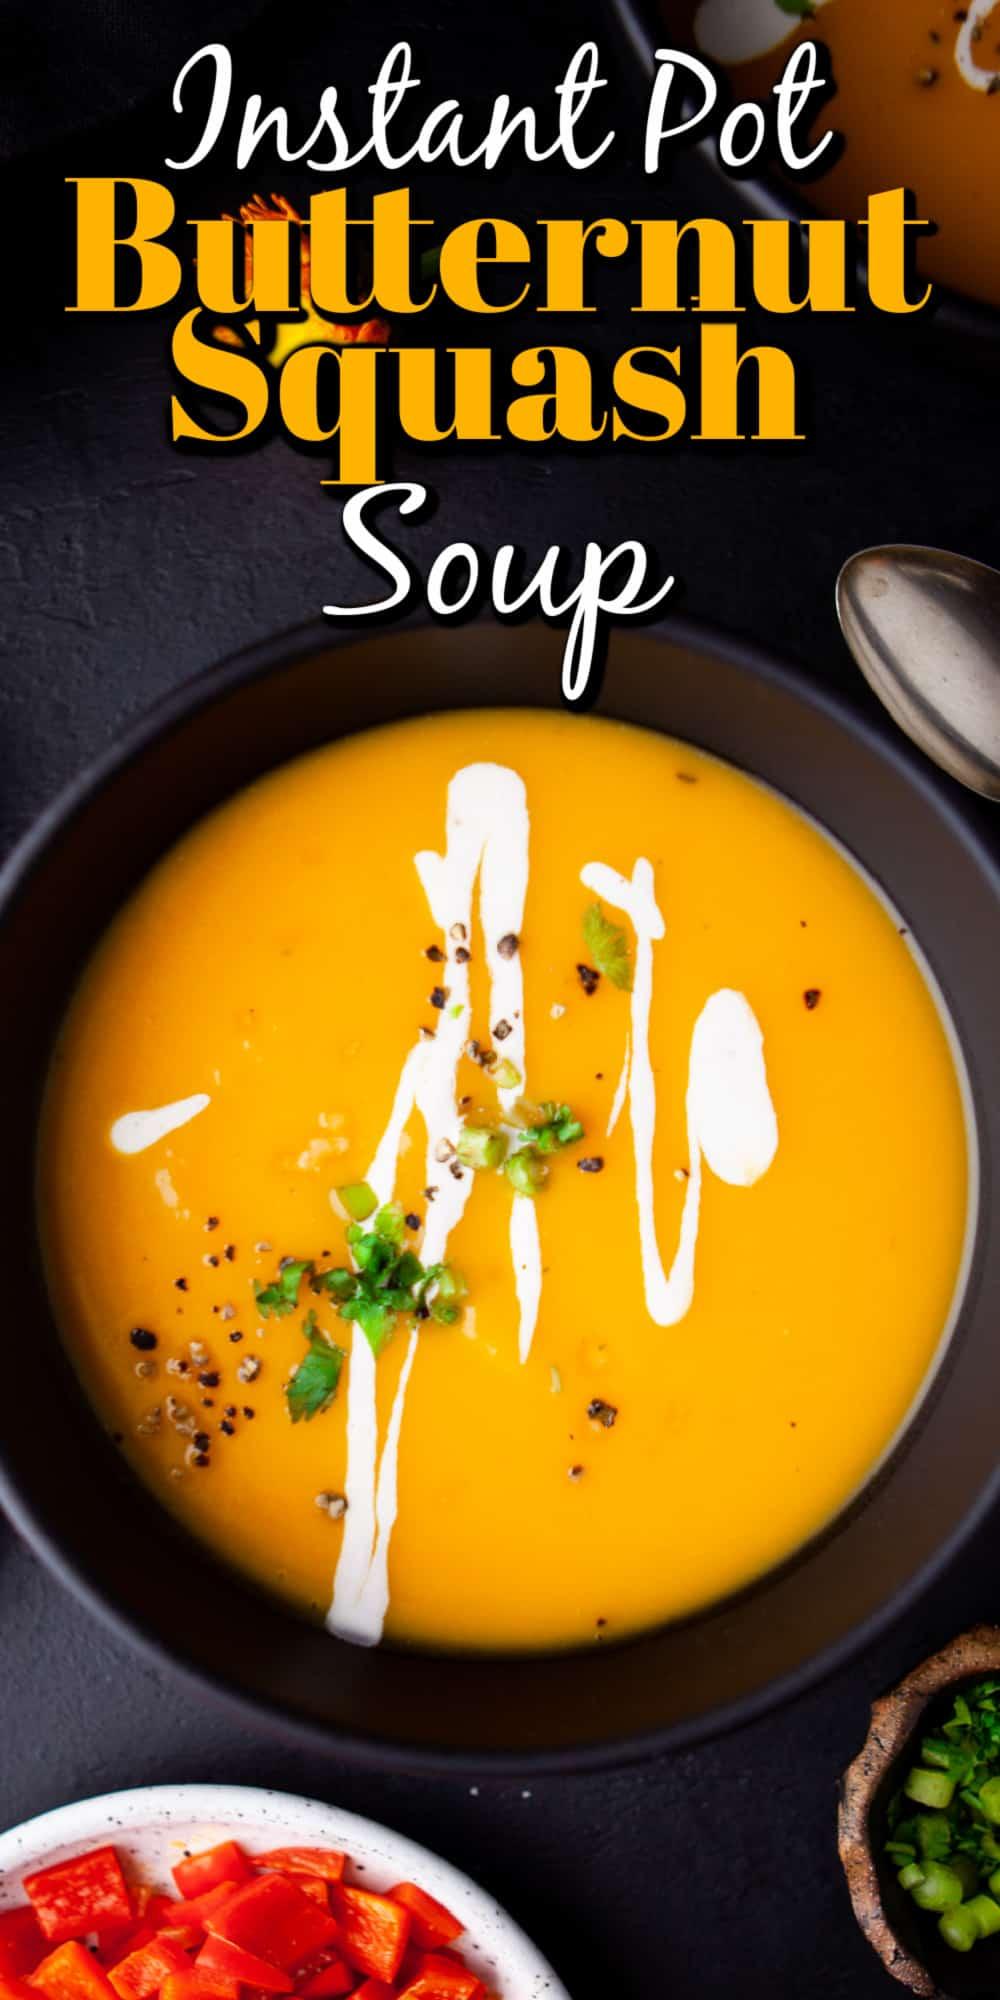 Instant Pot Butternut Squash Soup Pin